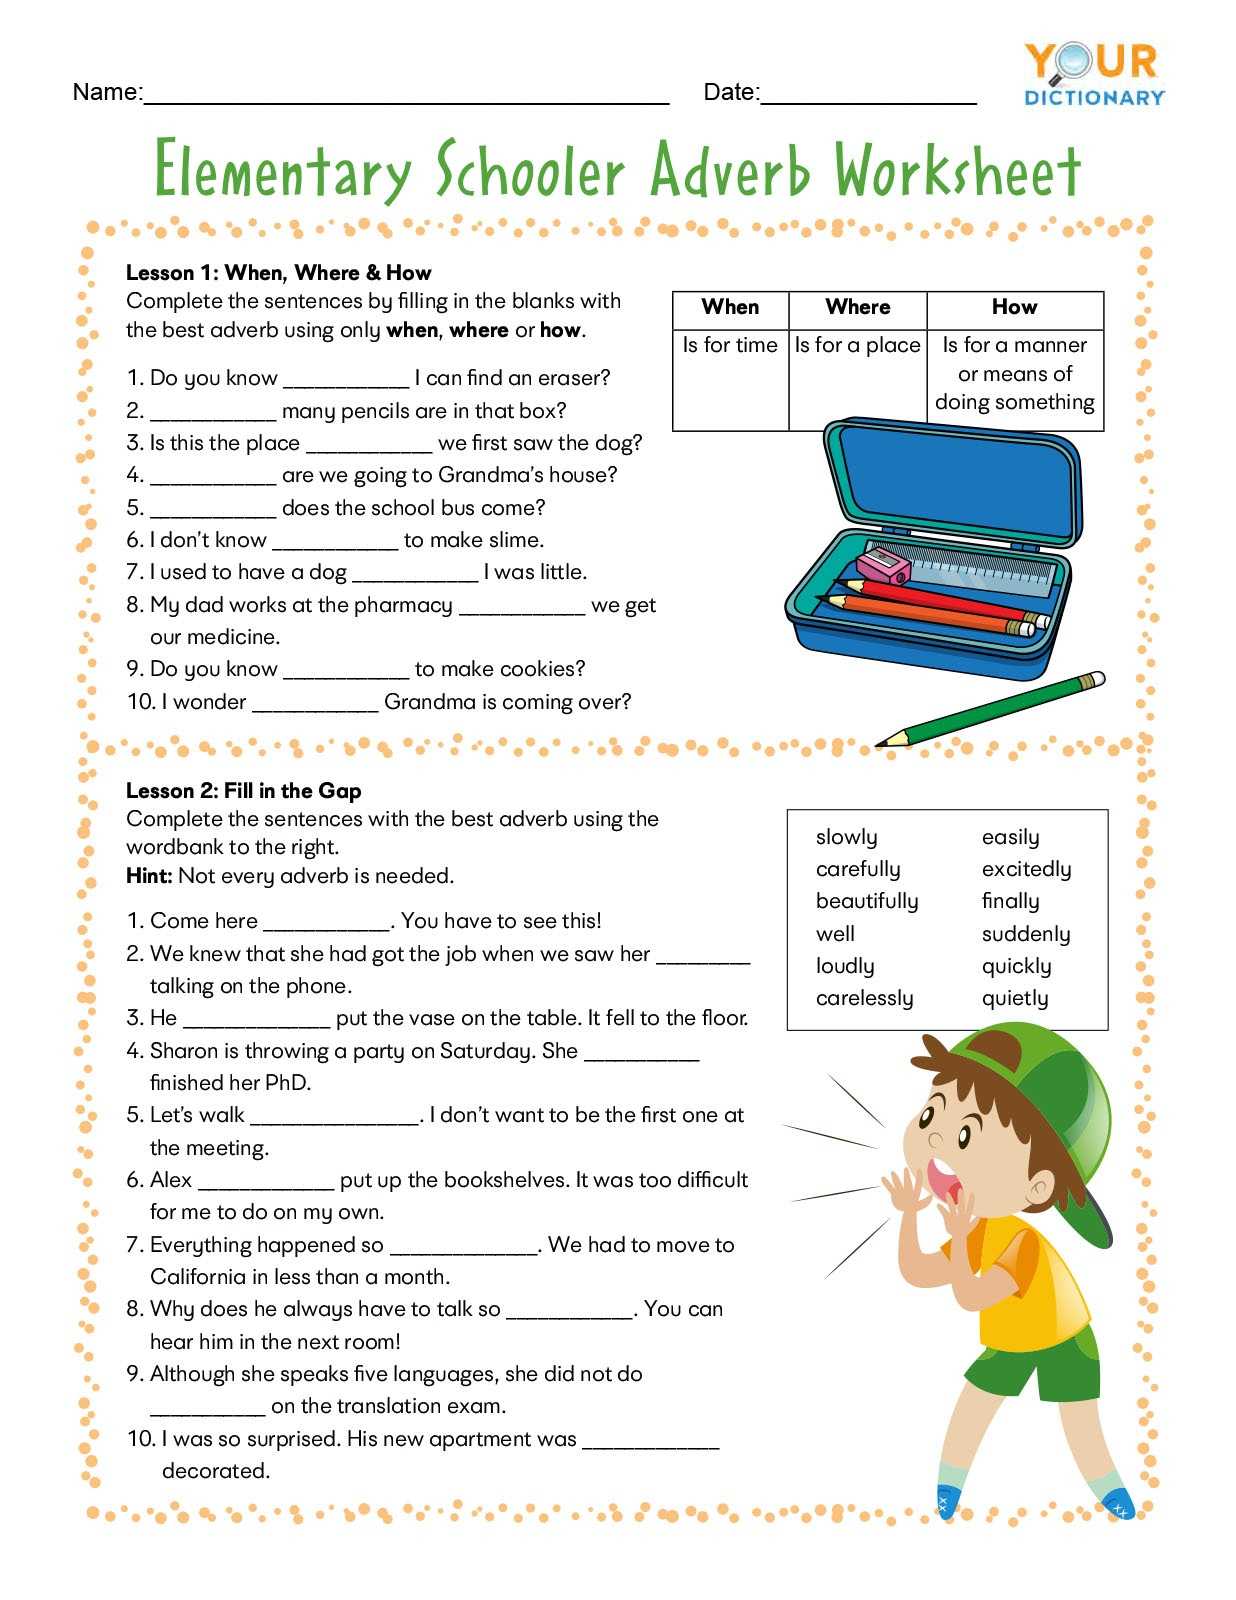 Christmas Adverb Worksheet | Printable Worksheets And